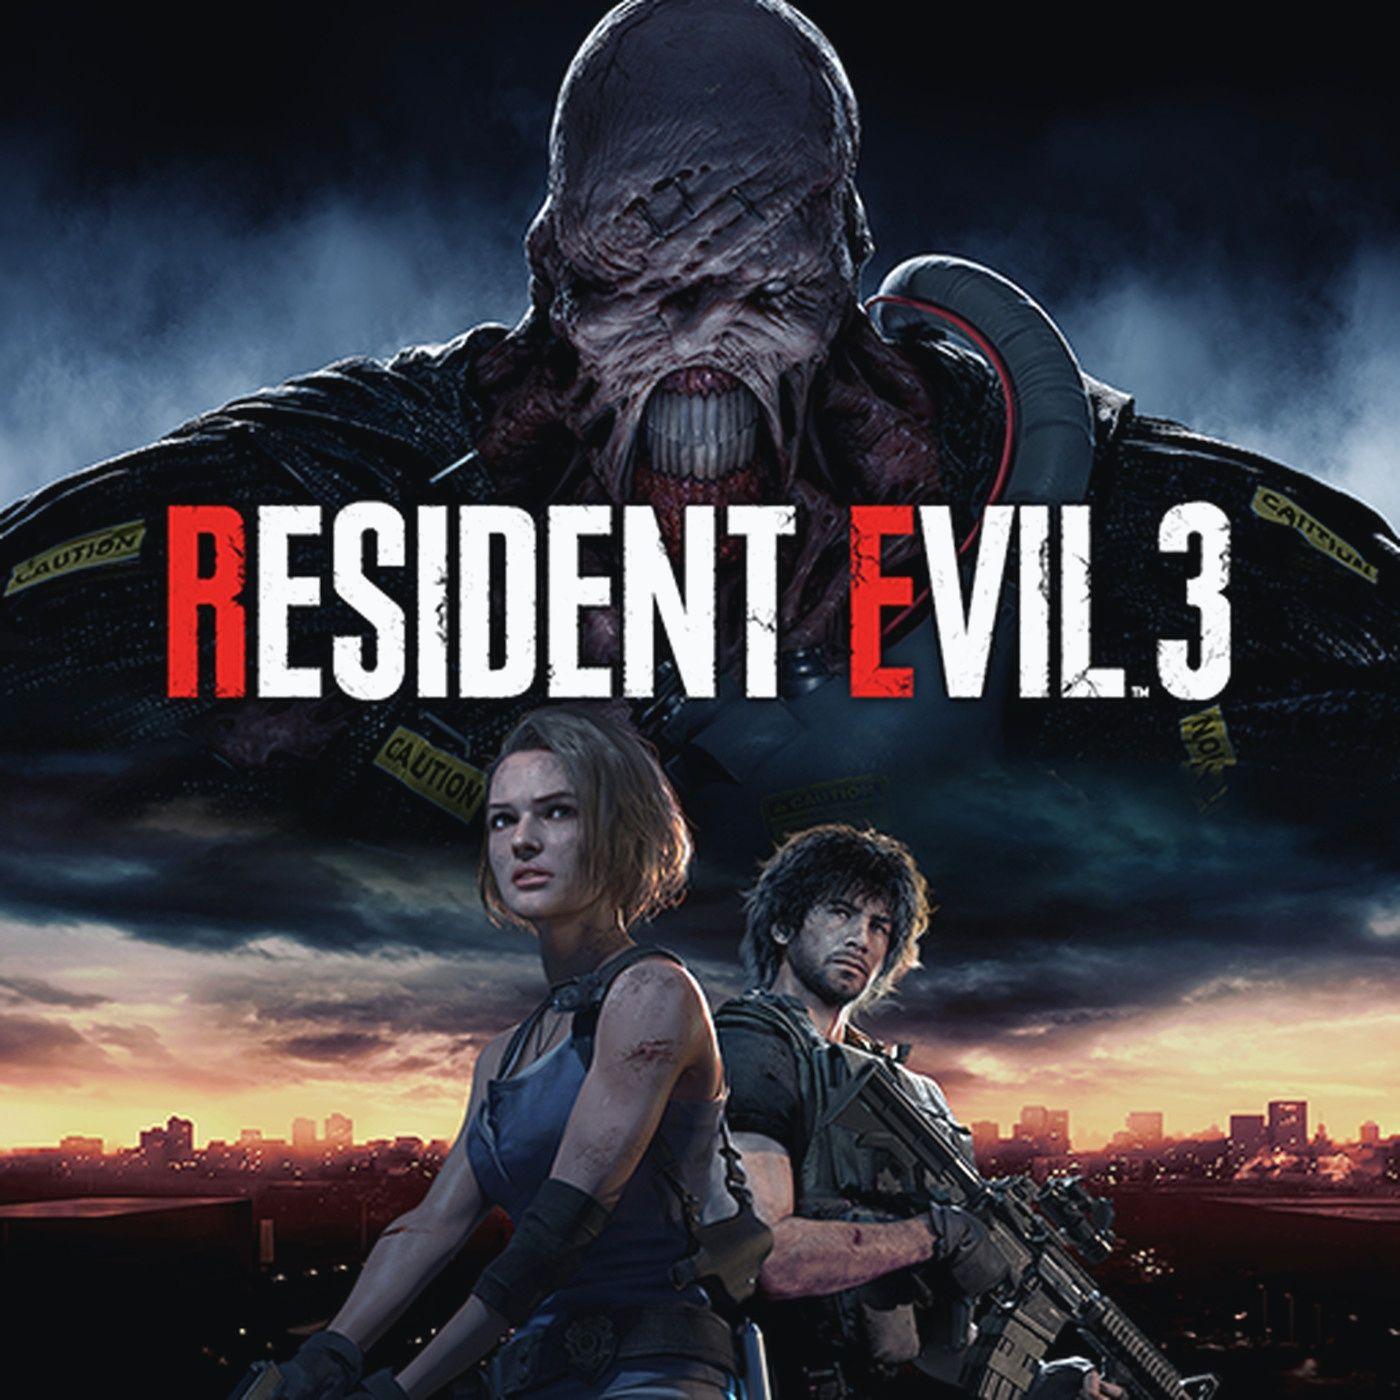 Awesome Residen Evil 3 Remake Wallpaper Dengan Gambar